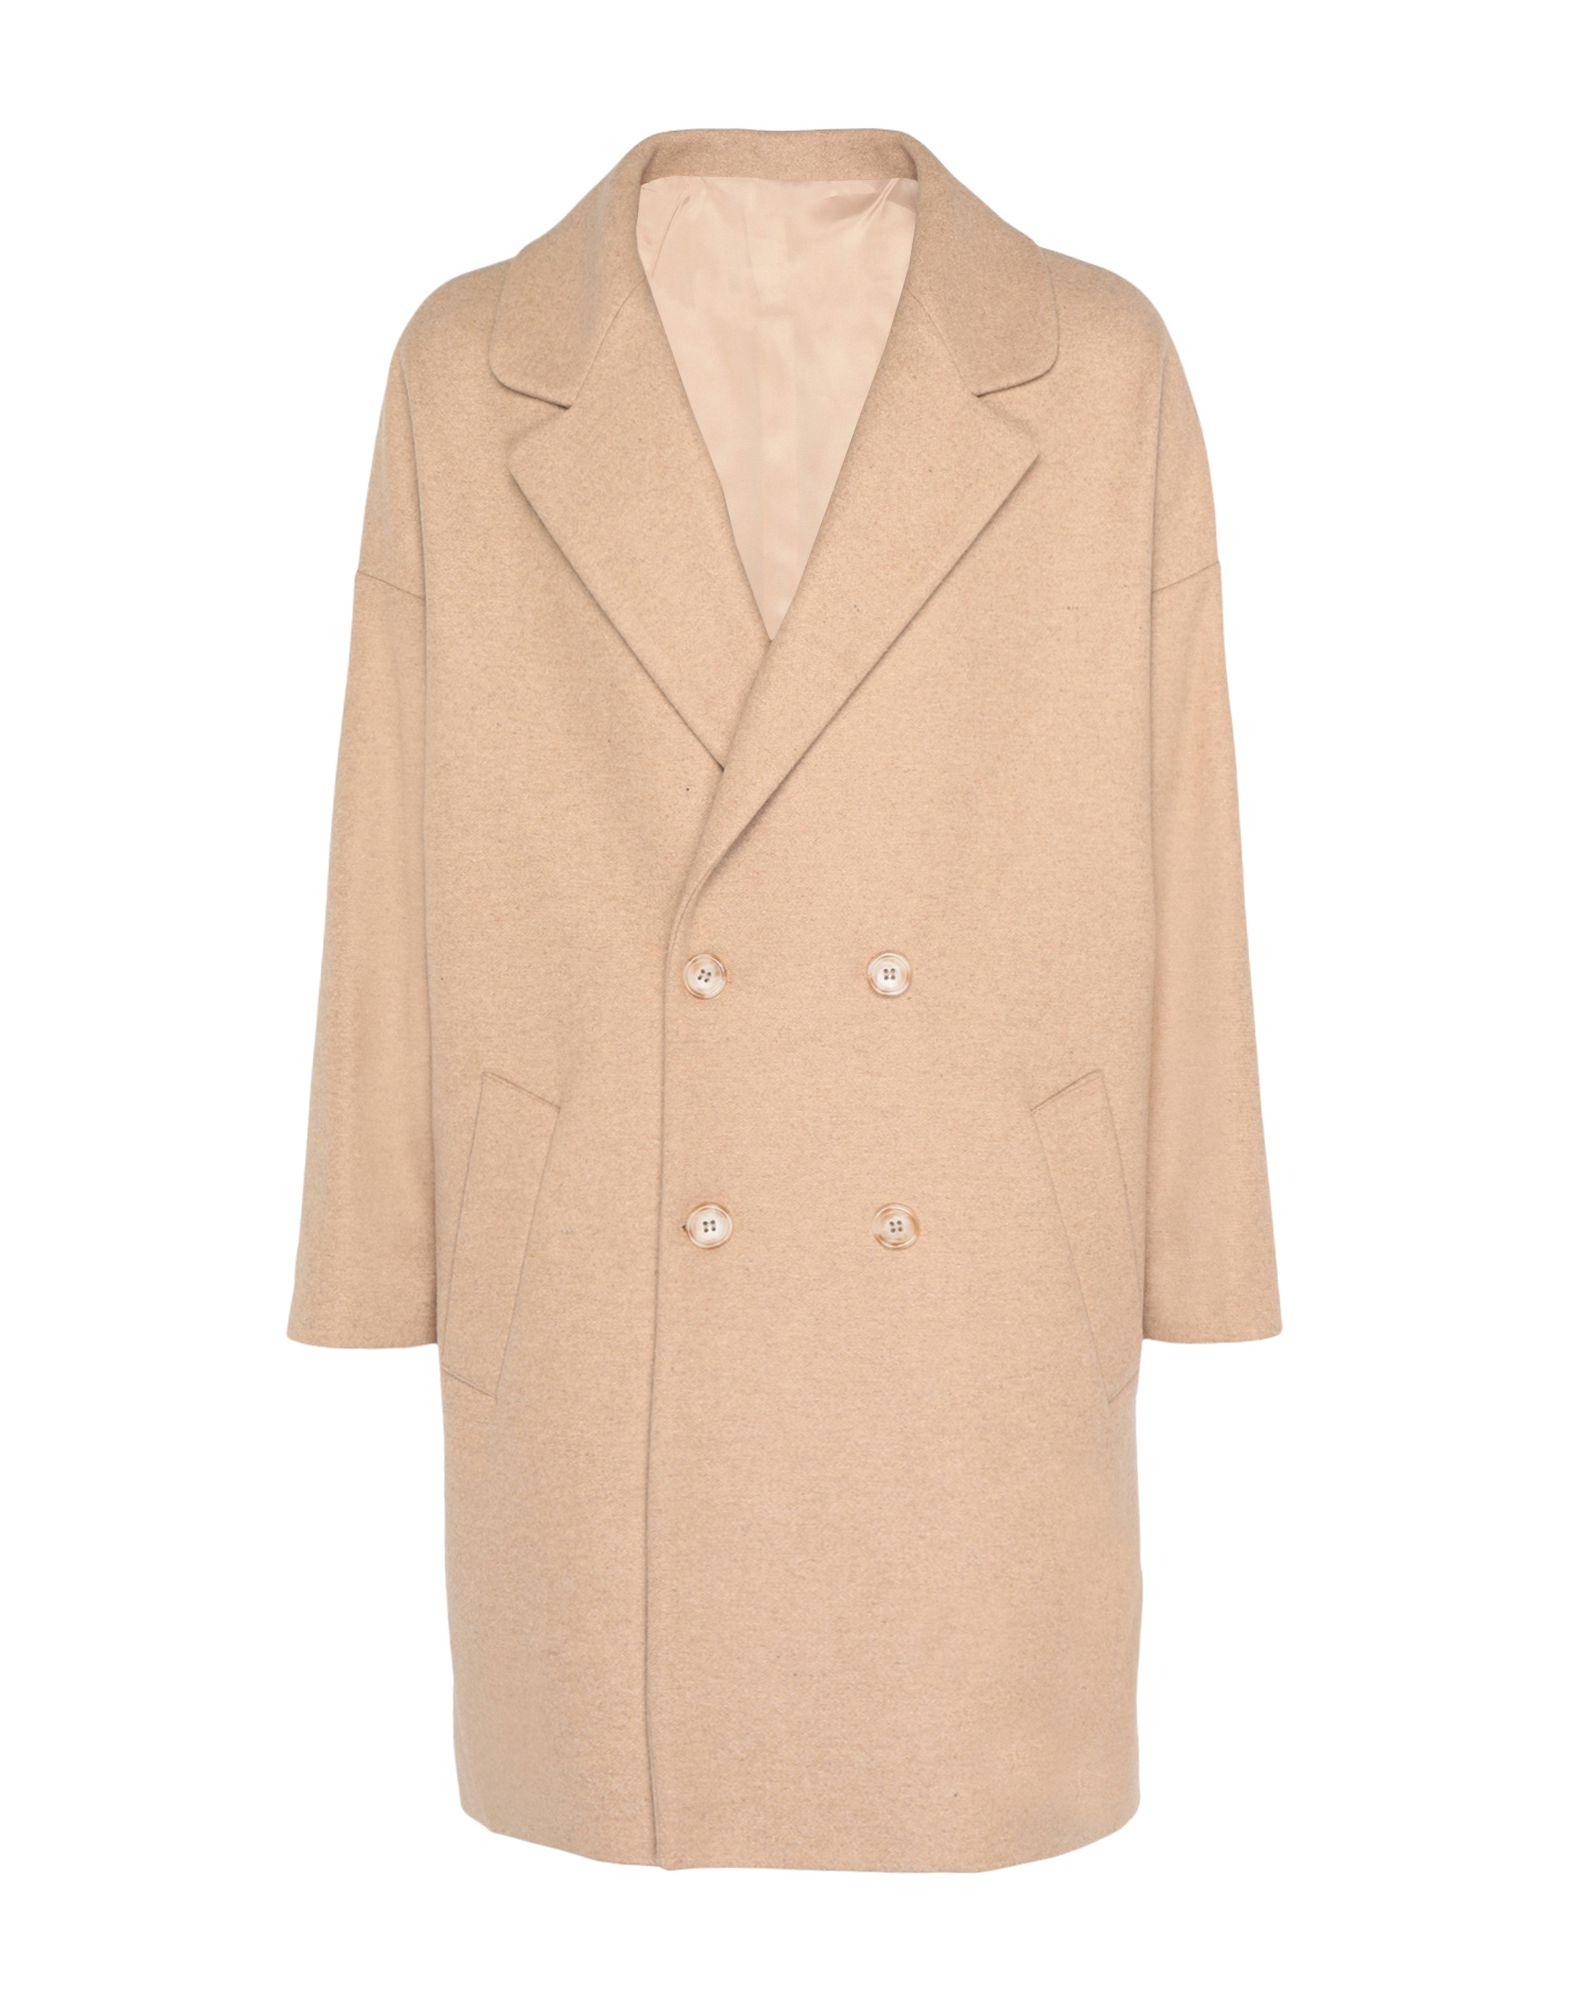 8 by YOOX Пальто mayamoda пальто oversize